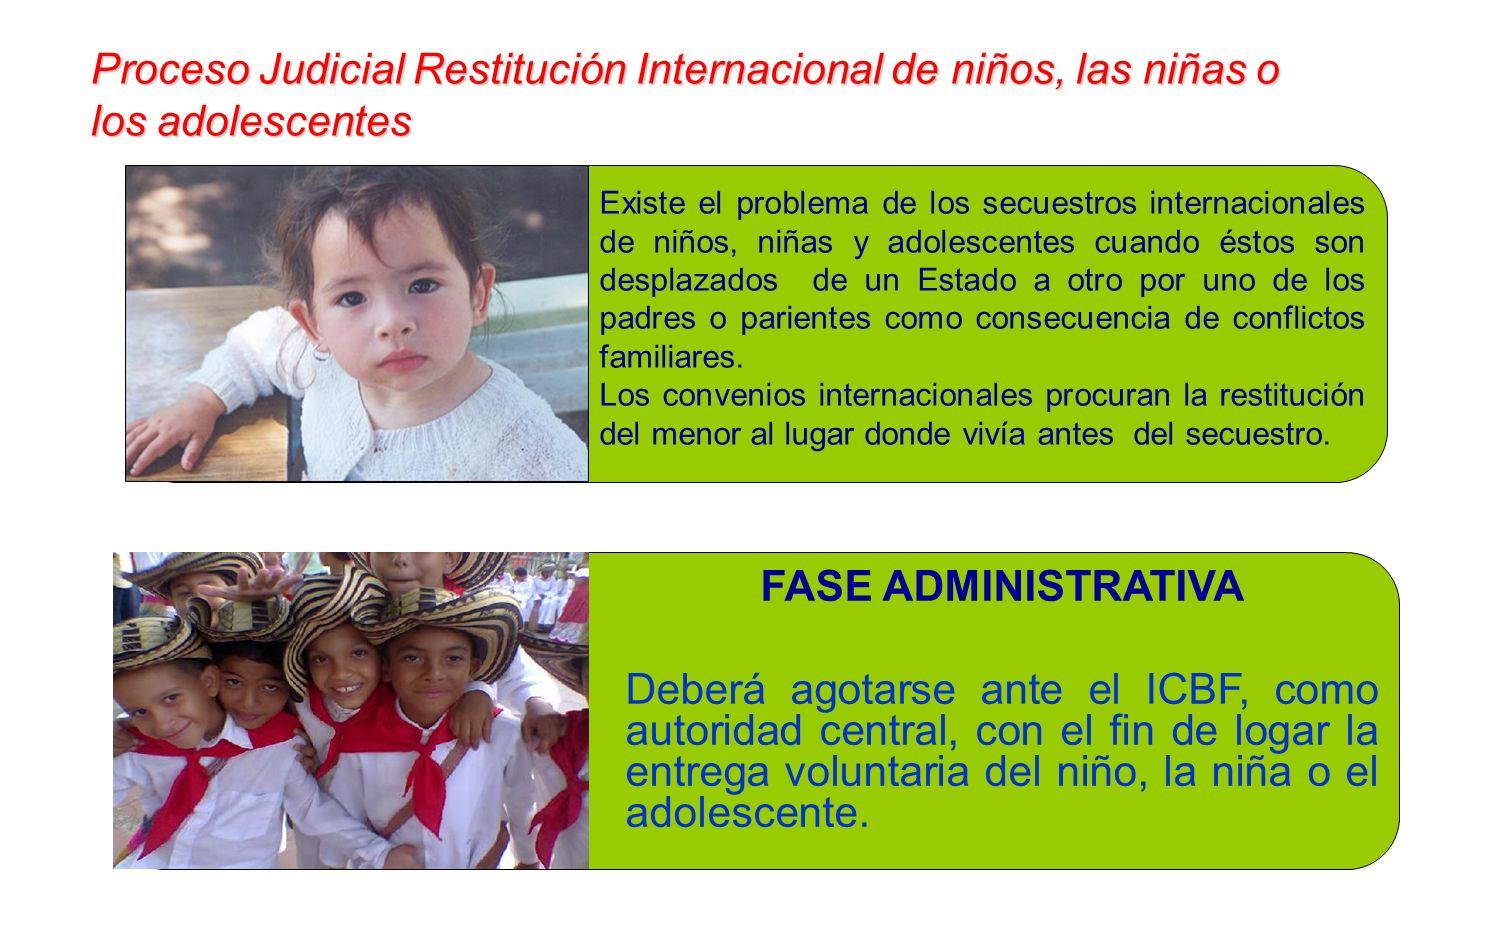 FASE ADMINISTRATIVA Deberá agotarse ante el ICBF, como autoridad central, con el fin de logar la entrega voluntaria del niño, la niña o el adolescente.